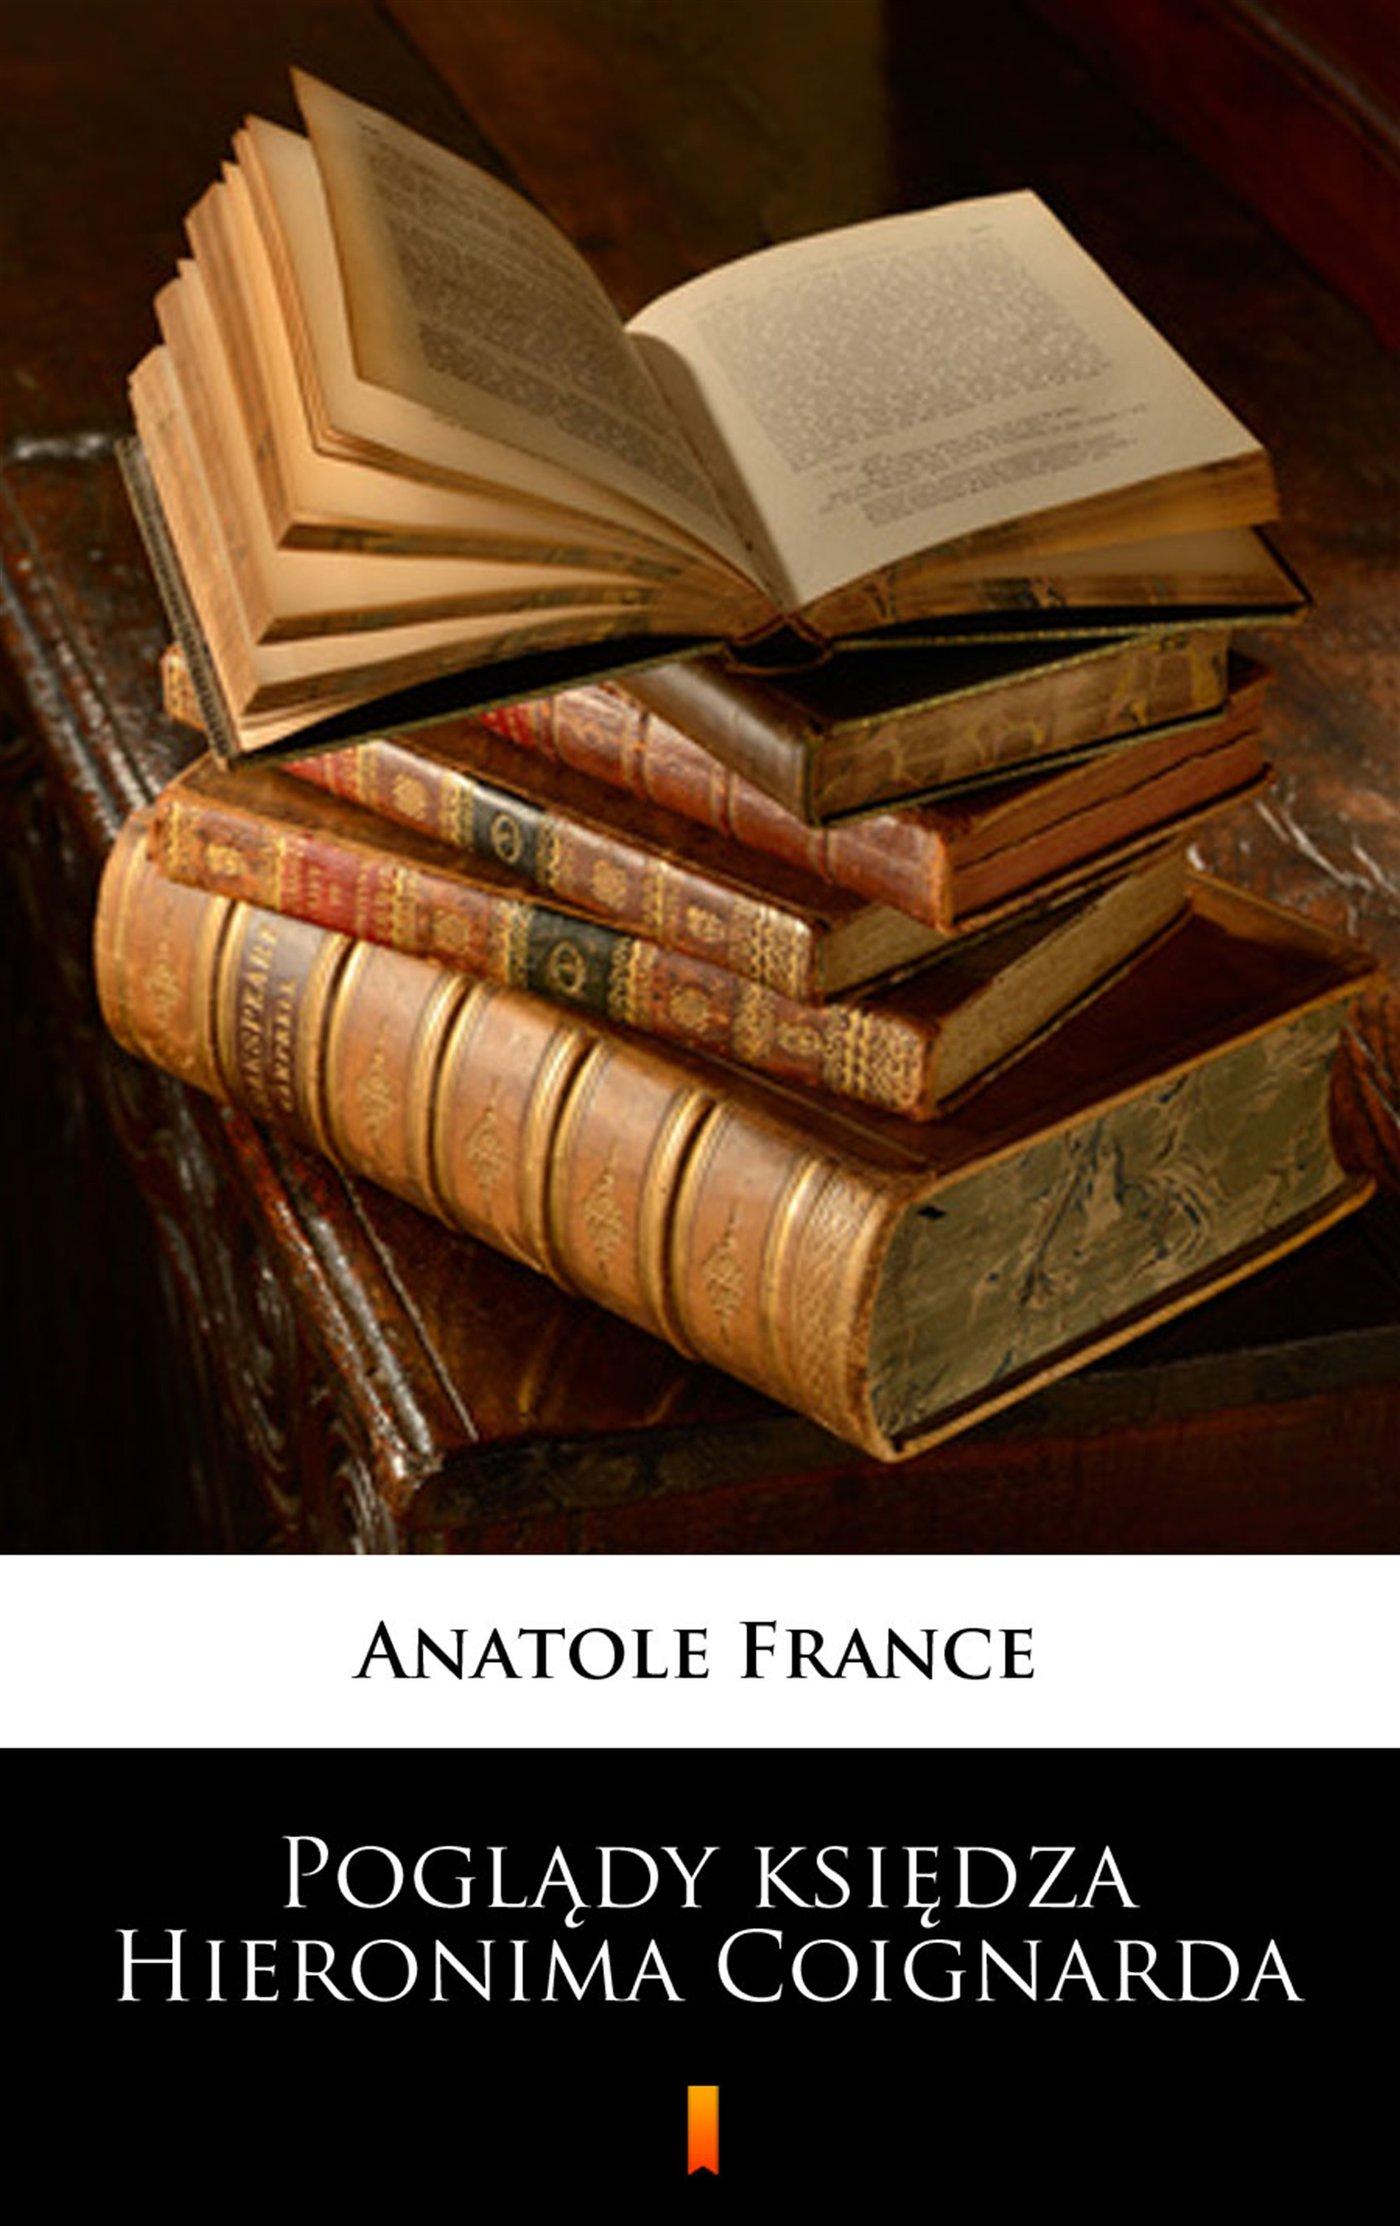 Poglądy księdza Hieronima Coignarda - Ebook (Książka na Kindle) do pobrania w formacie MOBI